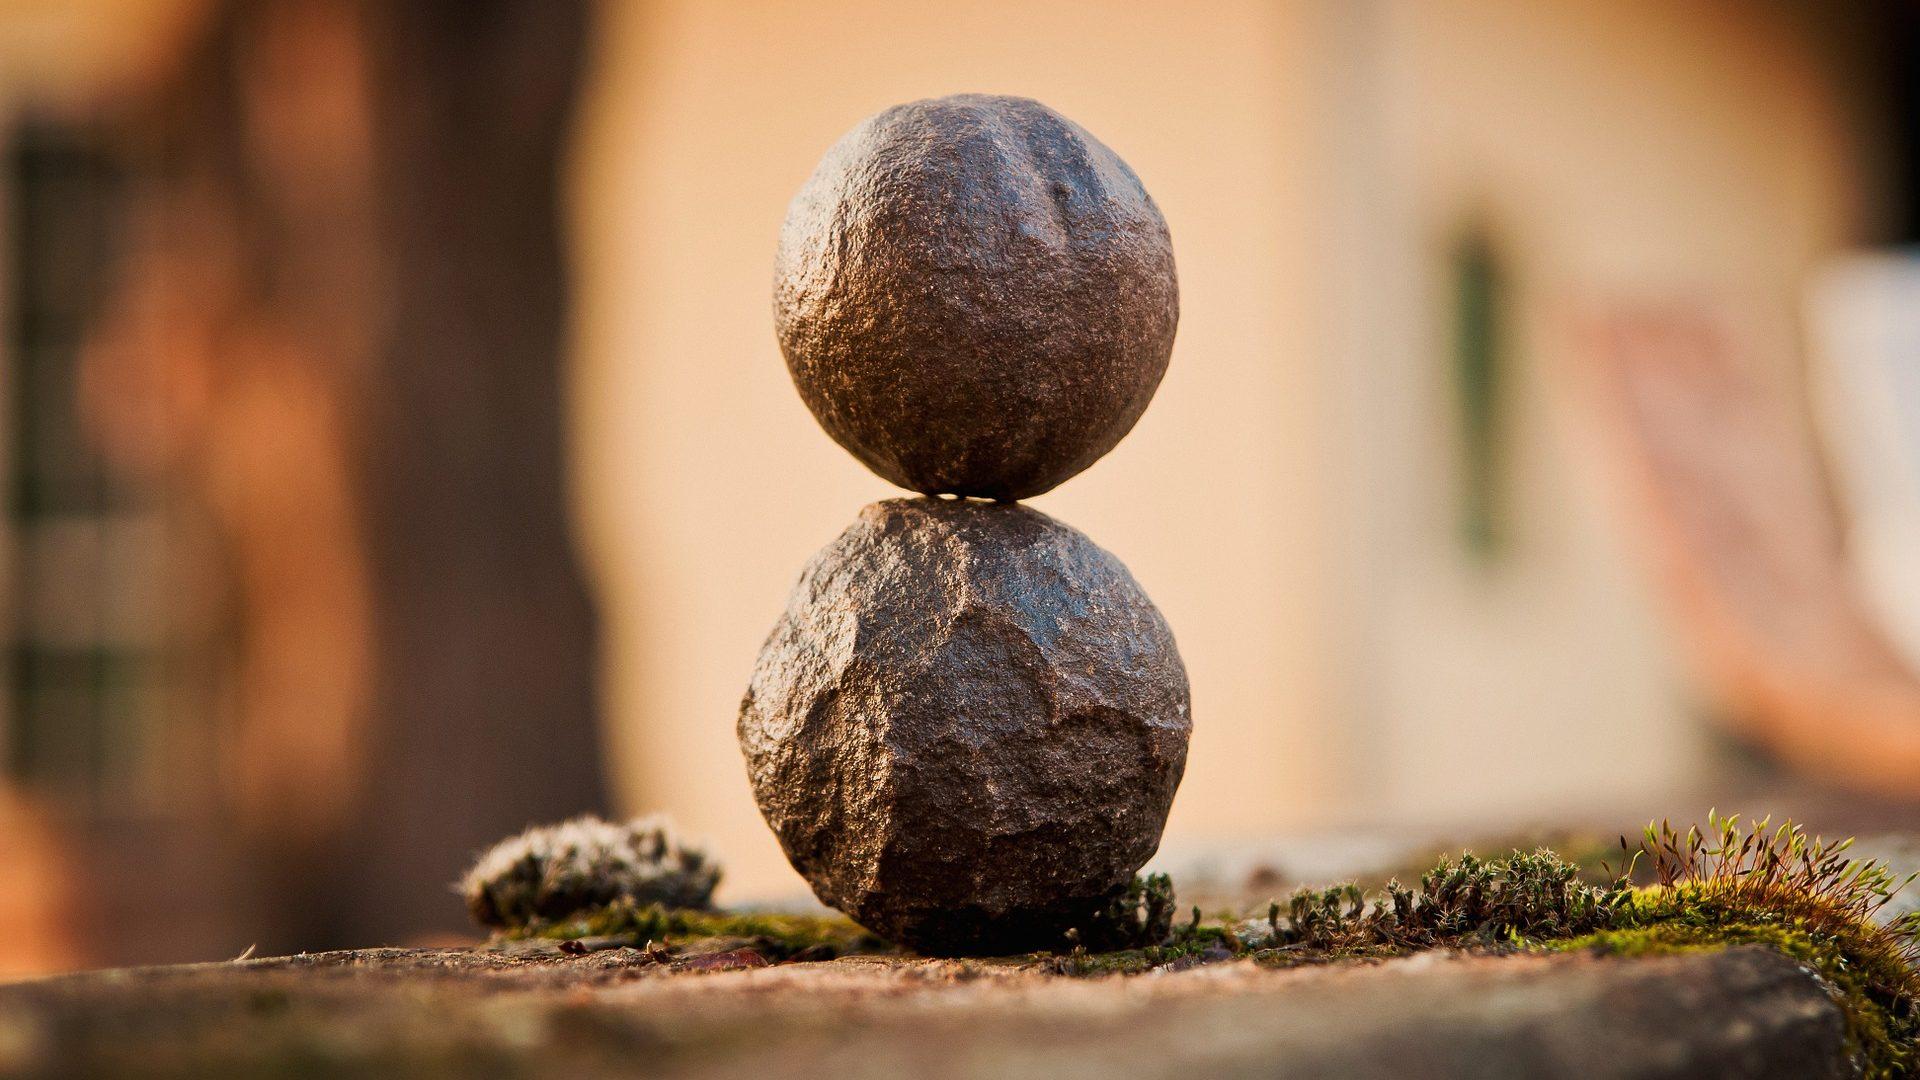 Bringe Dein Leben in Balance.